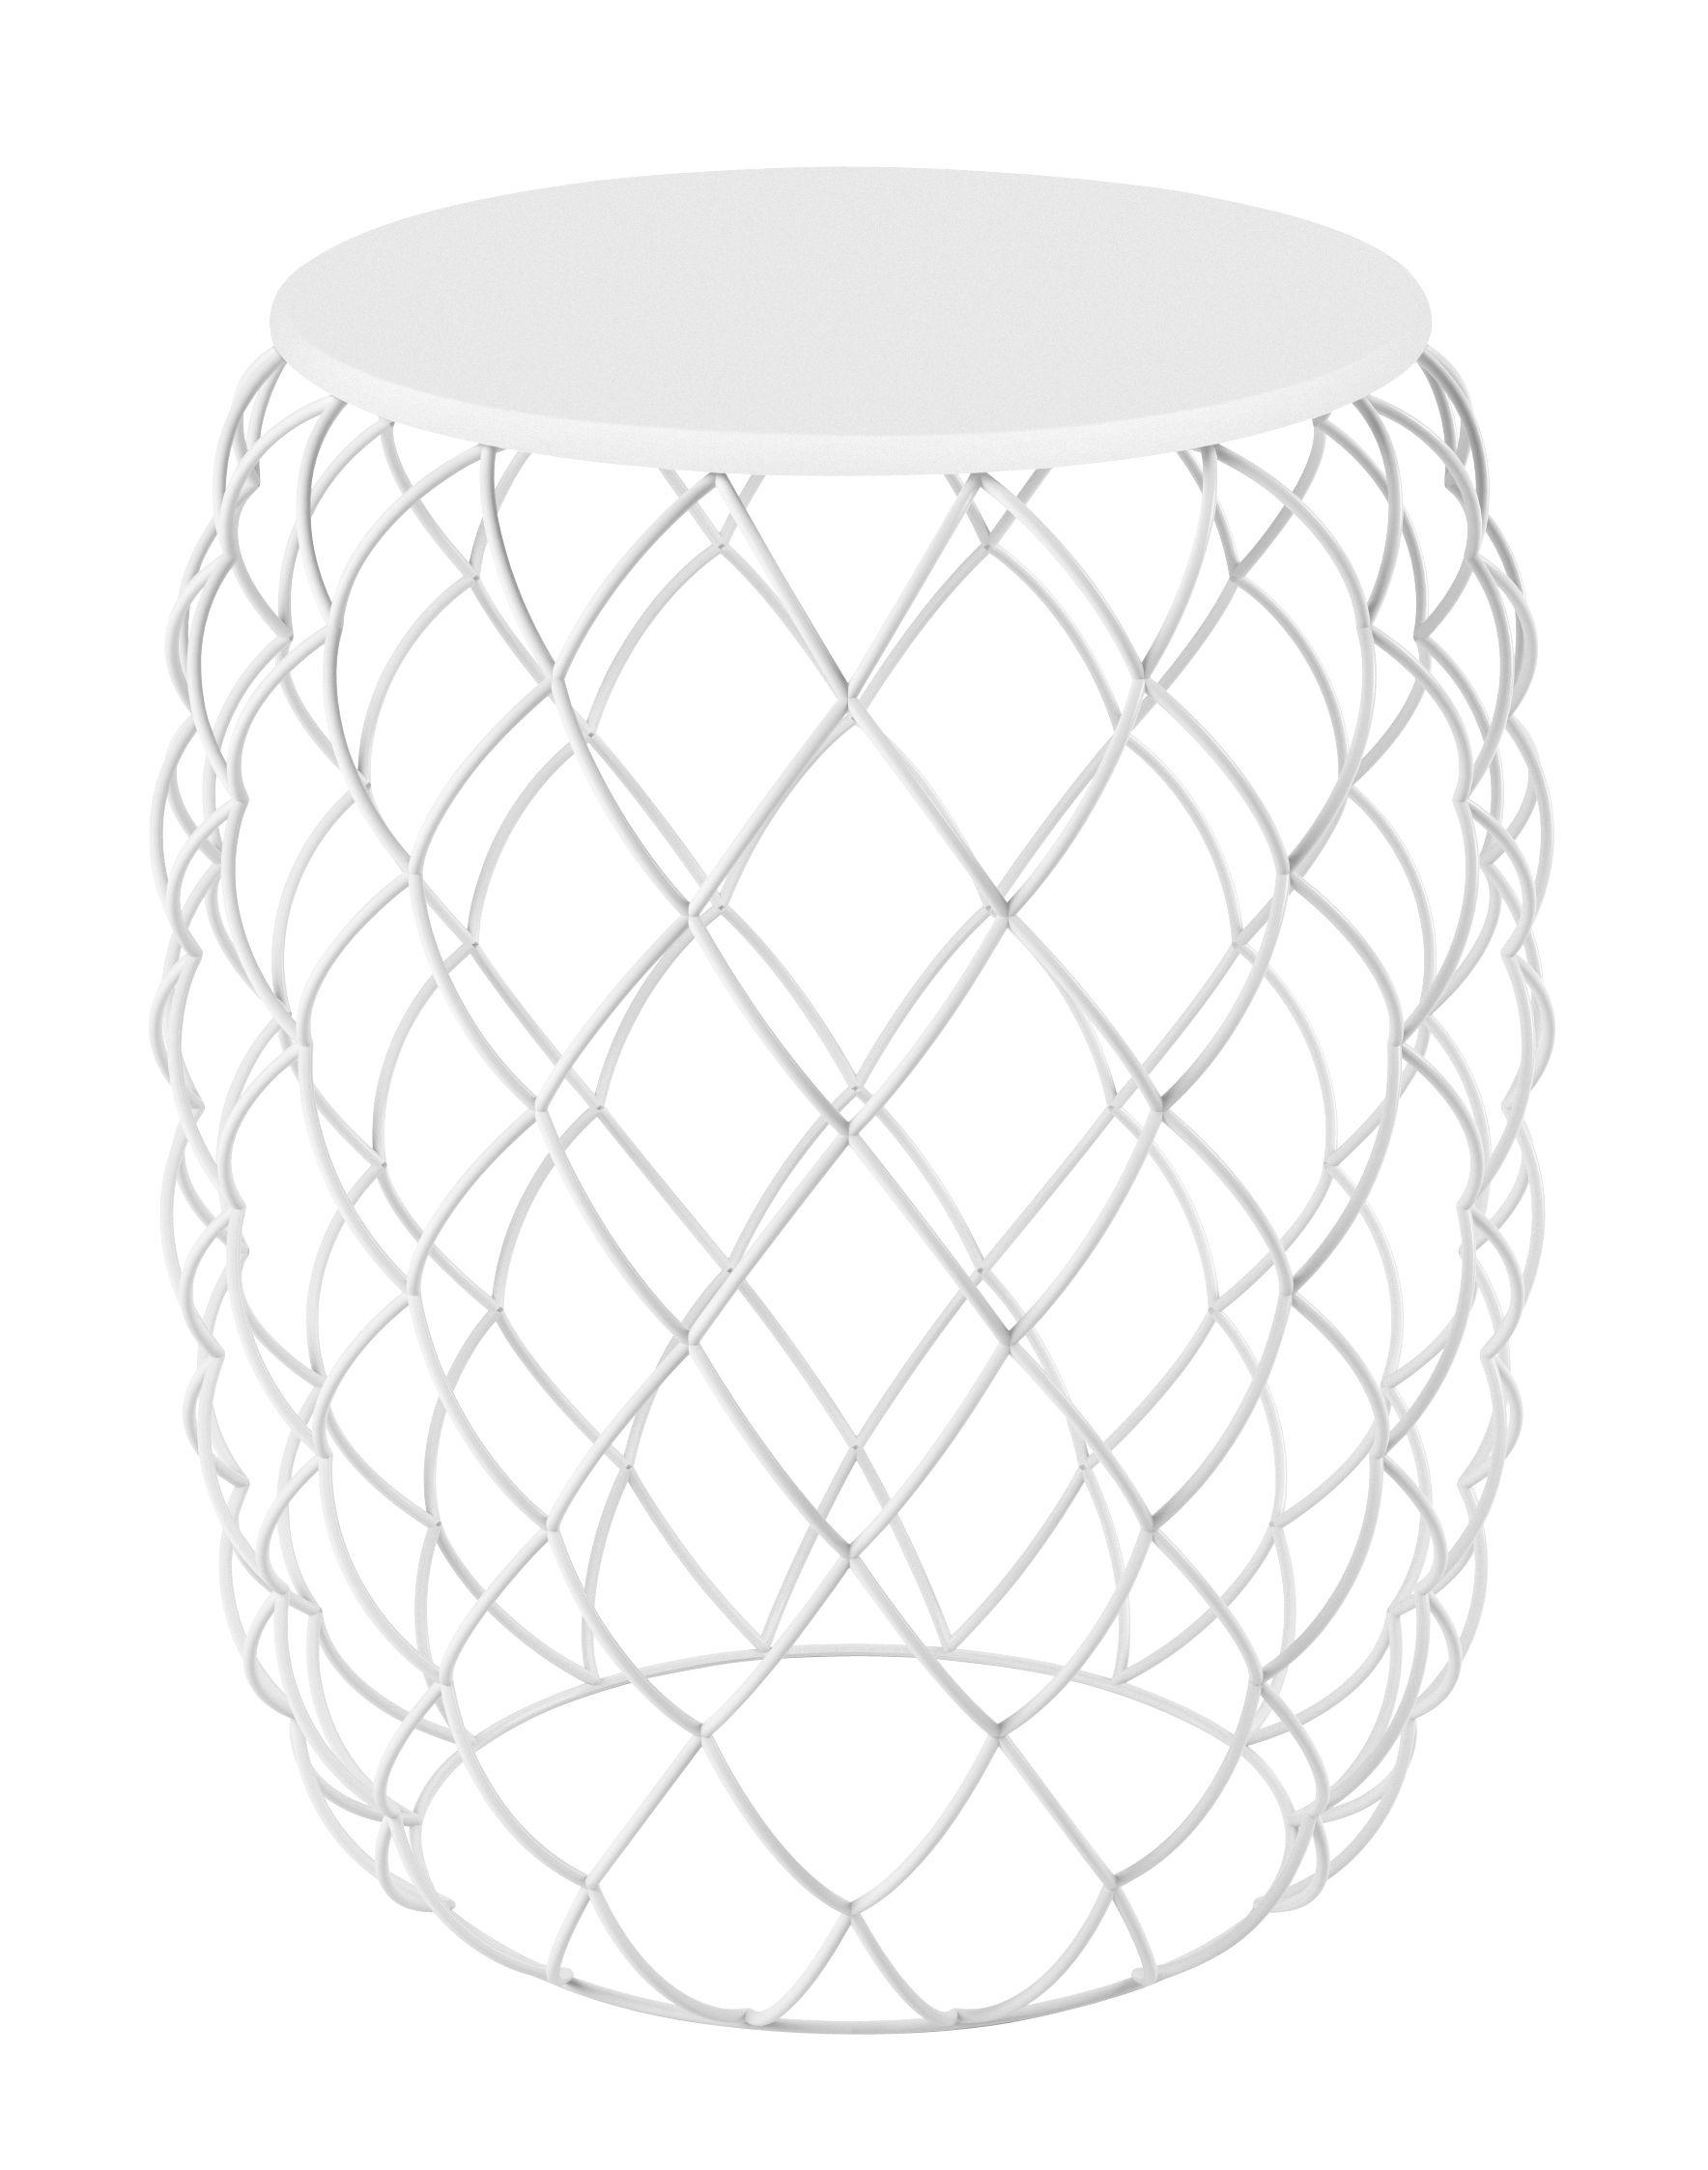 Arredamento - Tavolini  - Tavolino d'appoggio Pina - / Ø 32 cm di Magis - Bianco - Acciaio verniciato, HPL